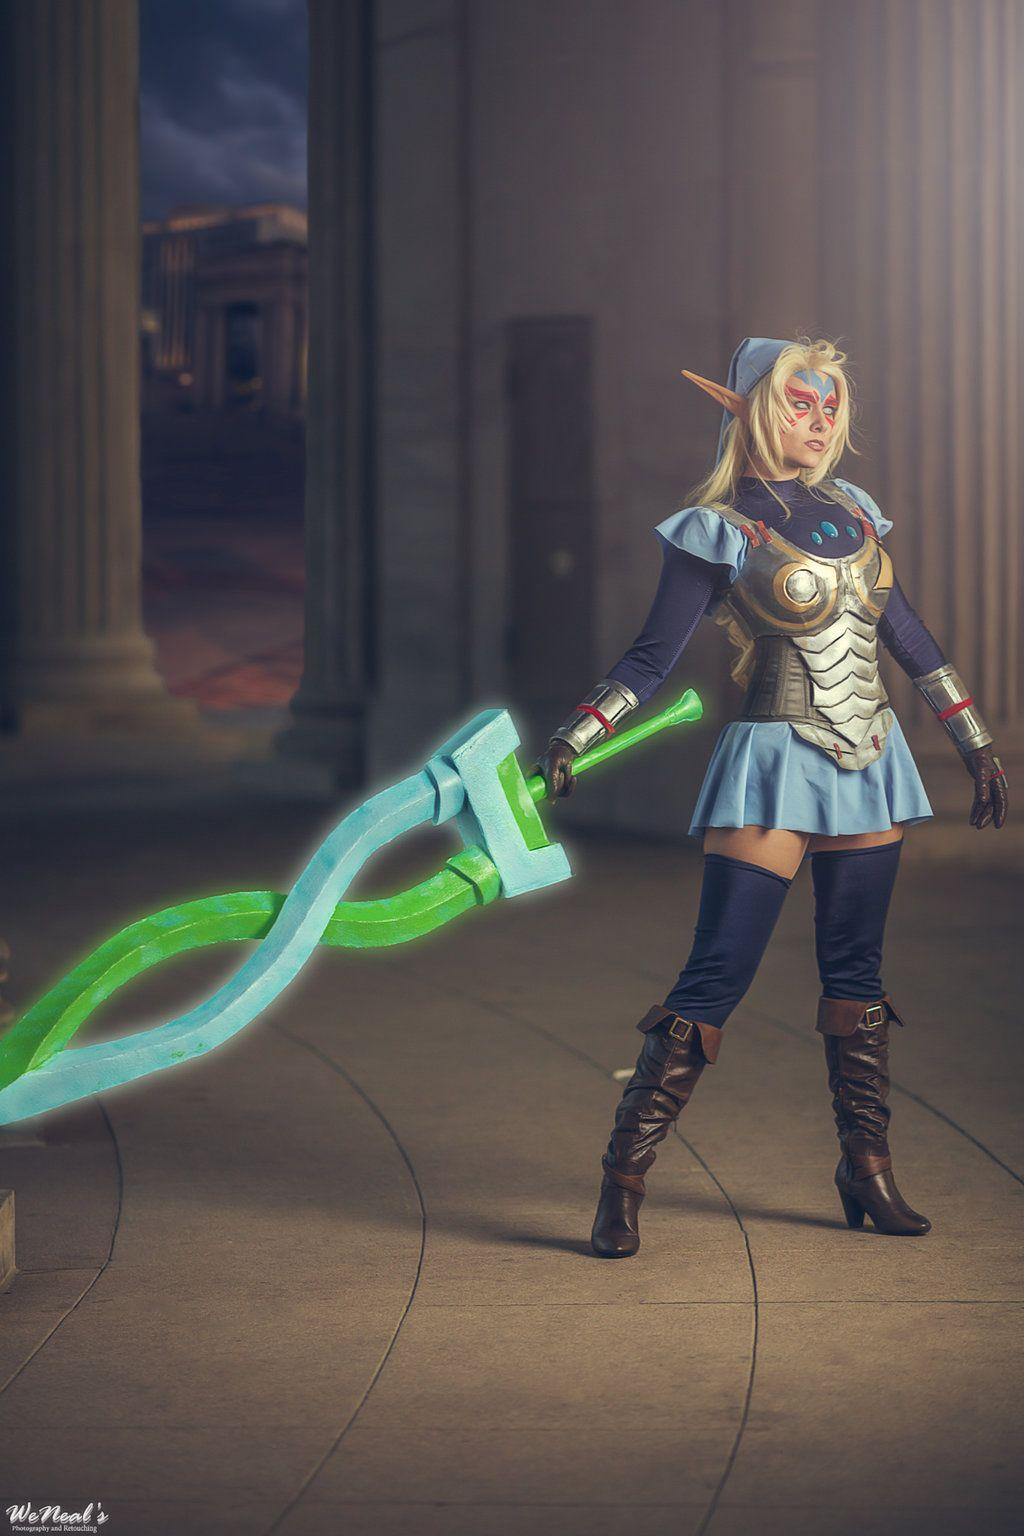 Fierce Deity - Amazing cosplay by SilverShadeCosplay - www